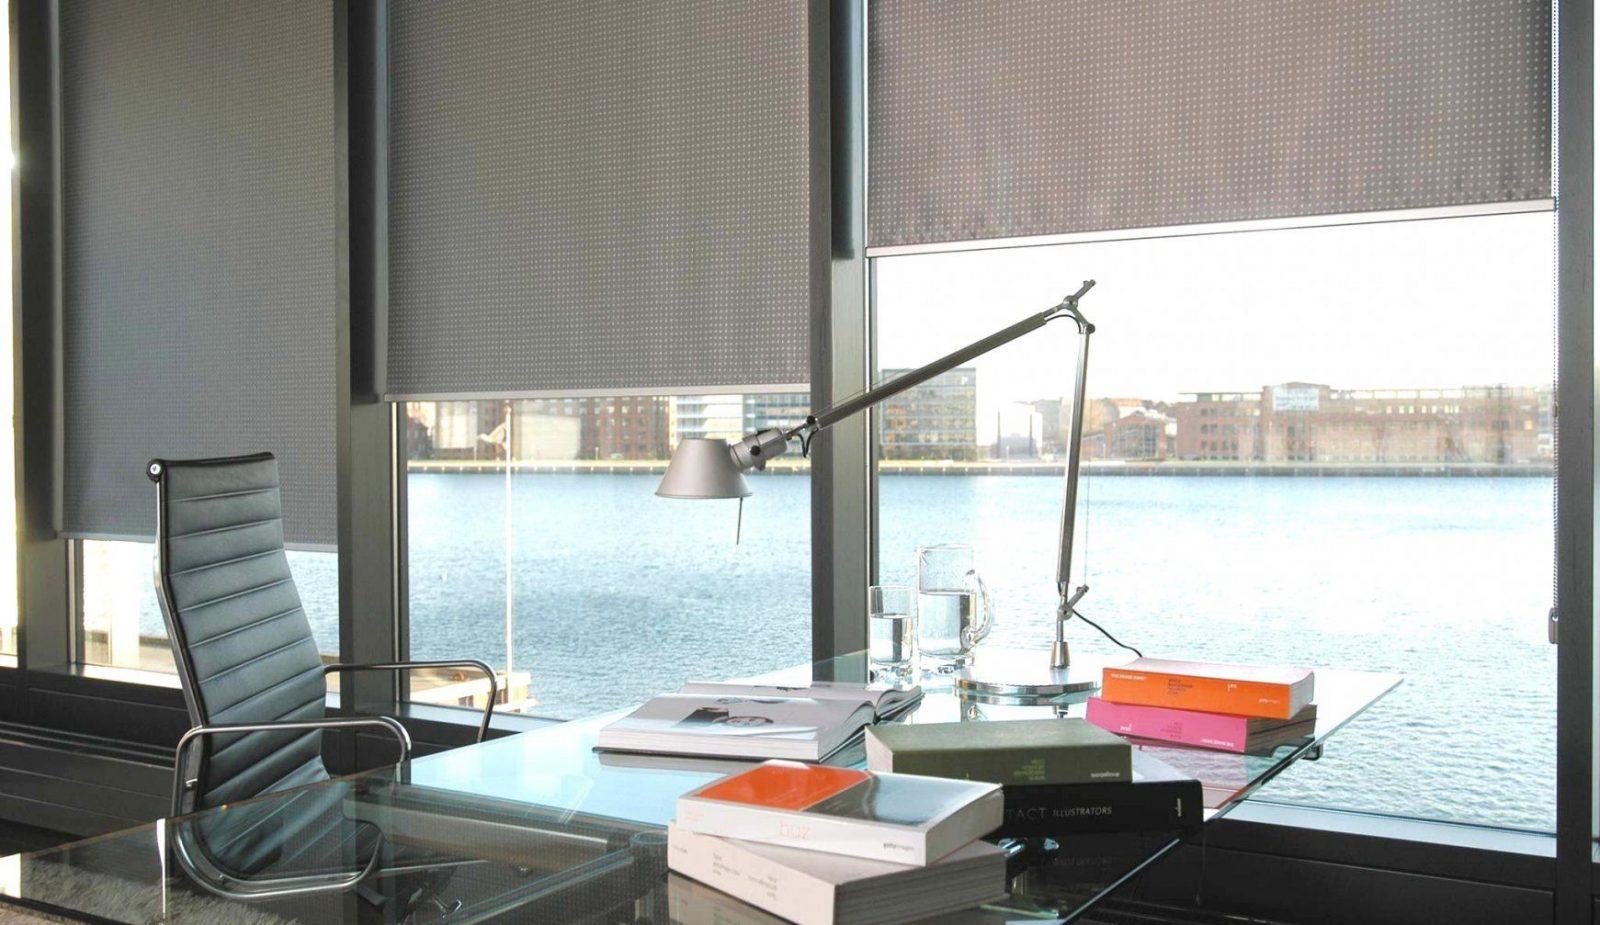 Terrasse Fenster Gardinen – Wohndesign von Terrasse Fenster Gardinen Bild